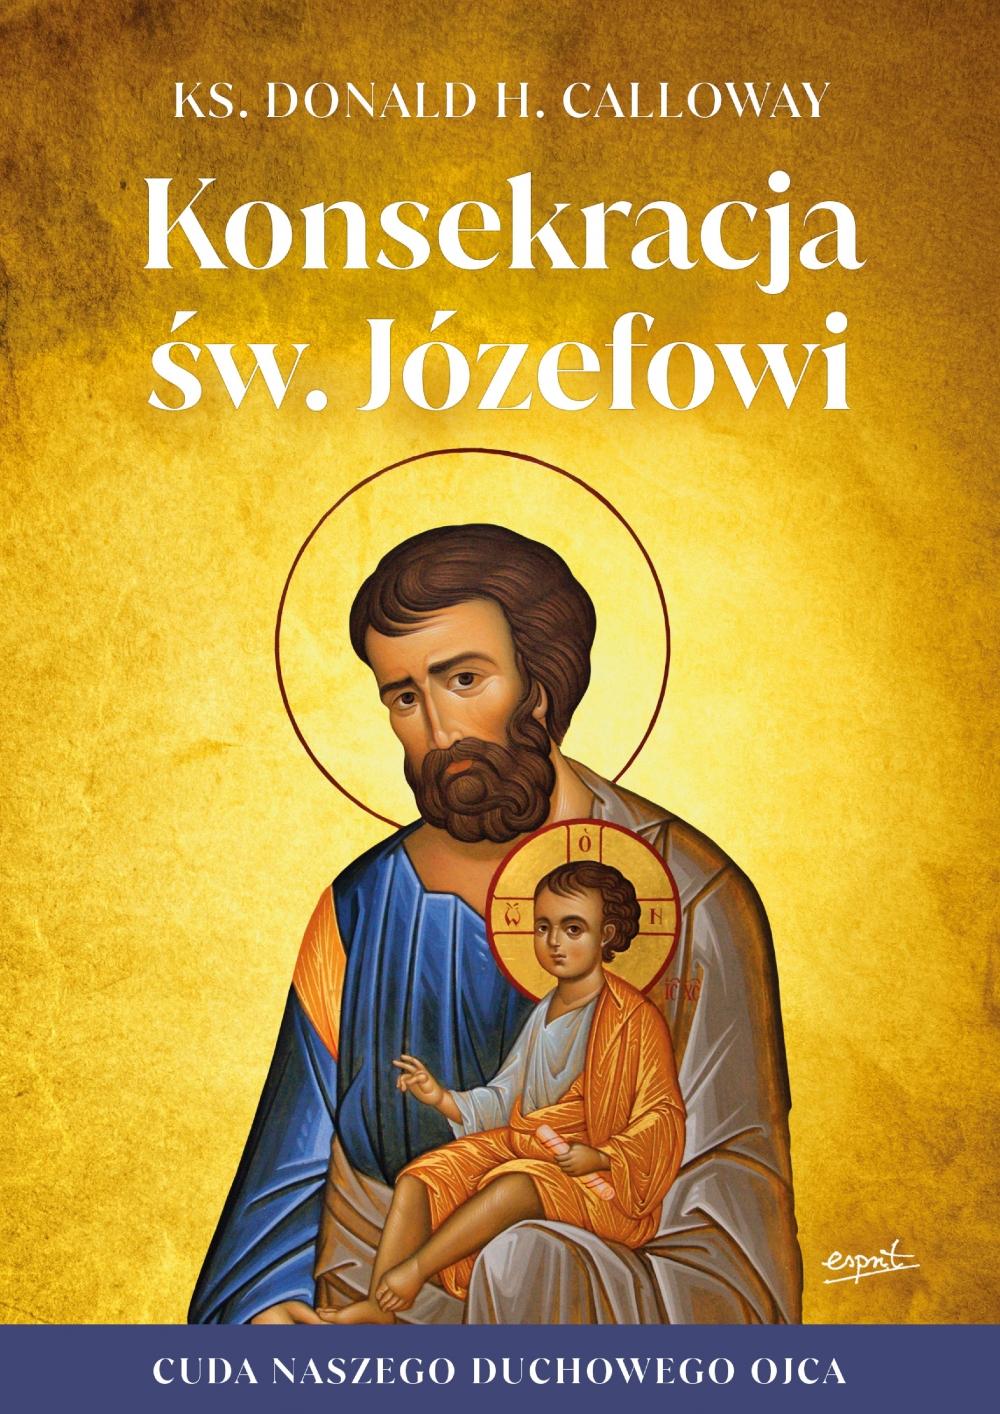 Konsekracja św. Józefowi | wydawnictwowam.pl